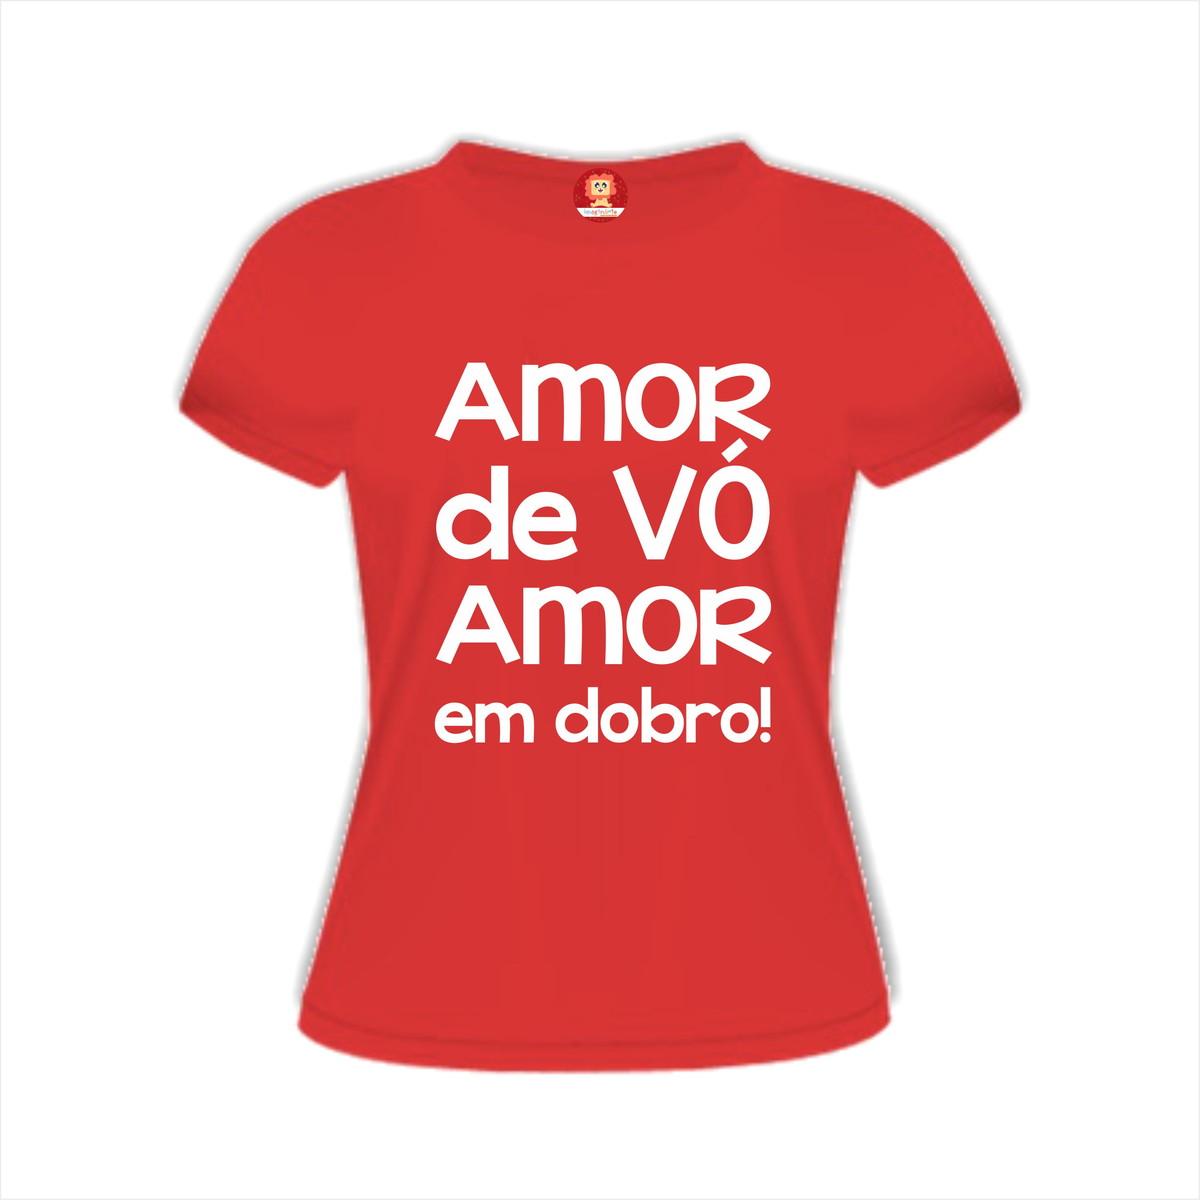 Camiseta Personalizada Amor de Vó no Elo7  e4a289feb9562